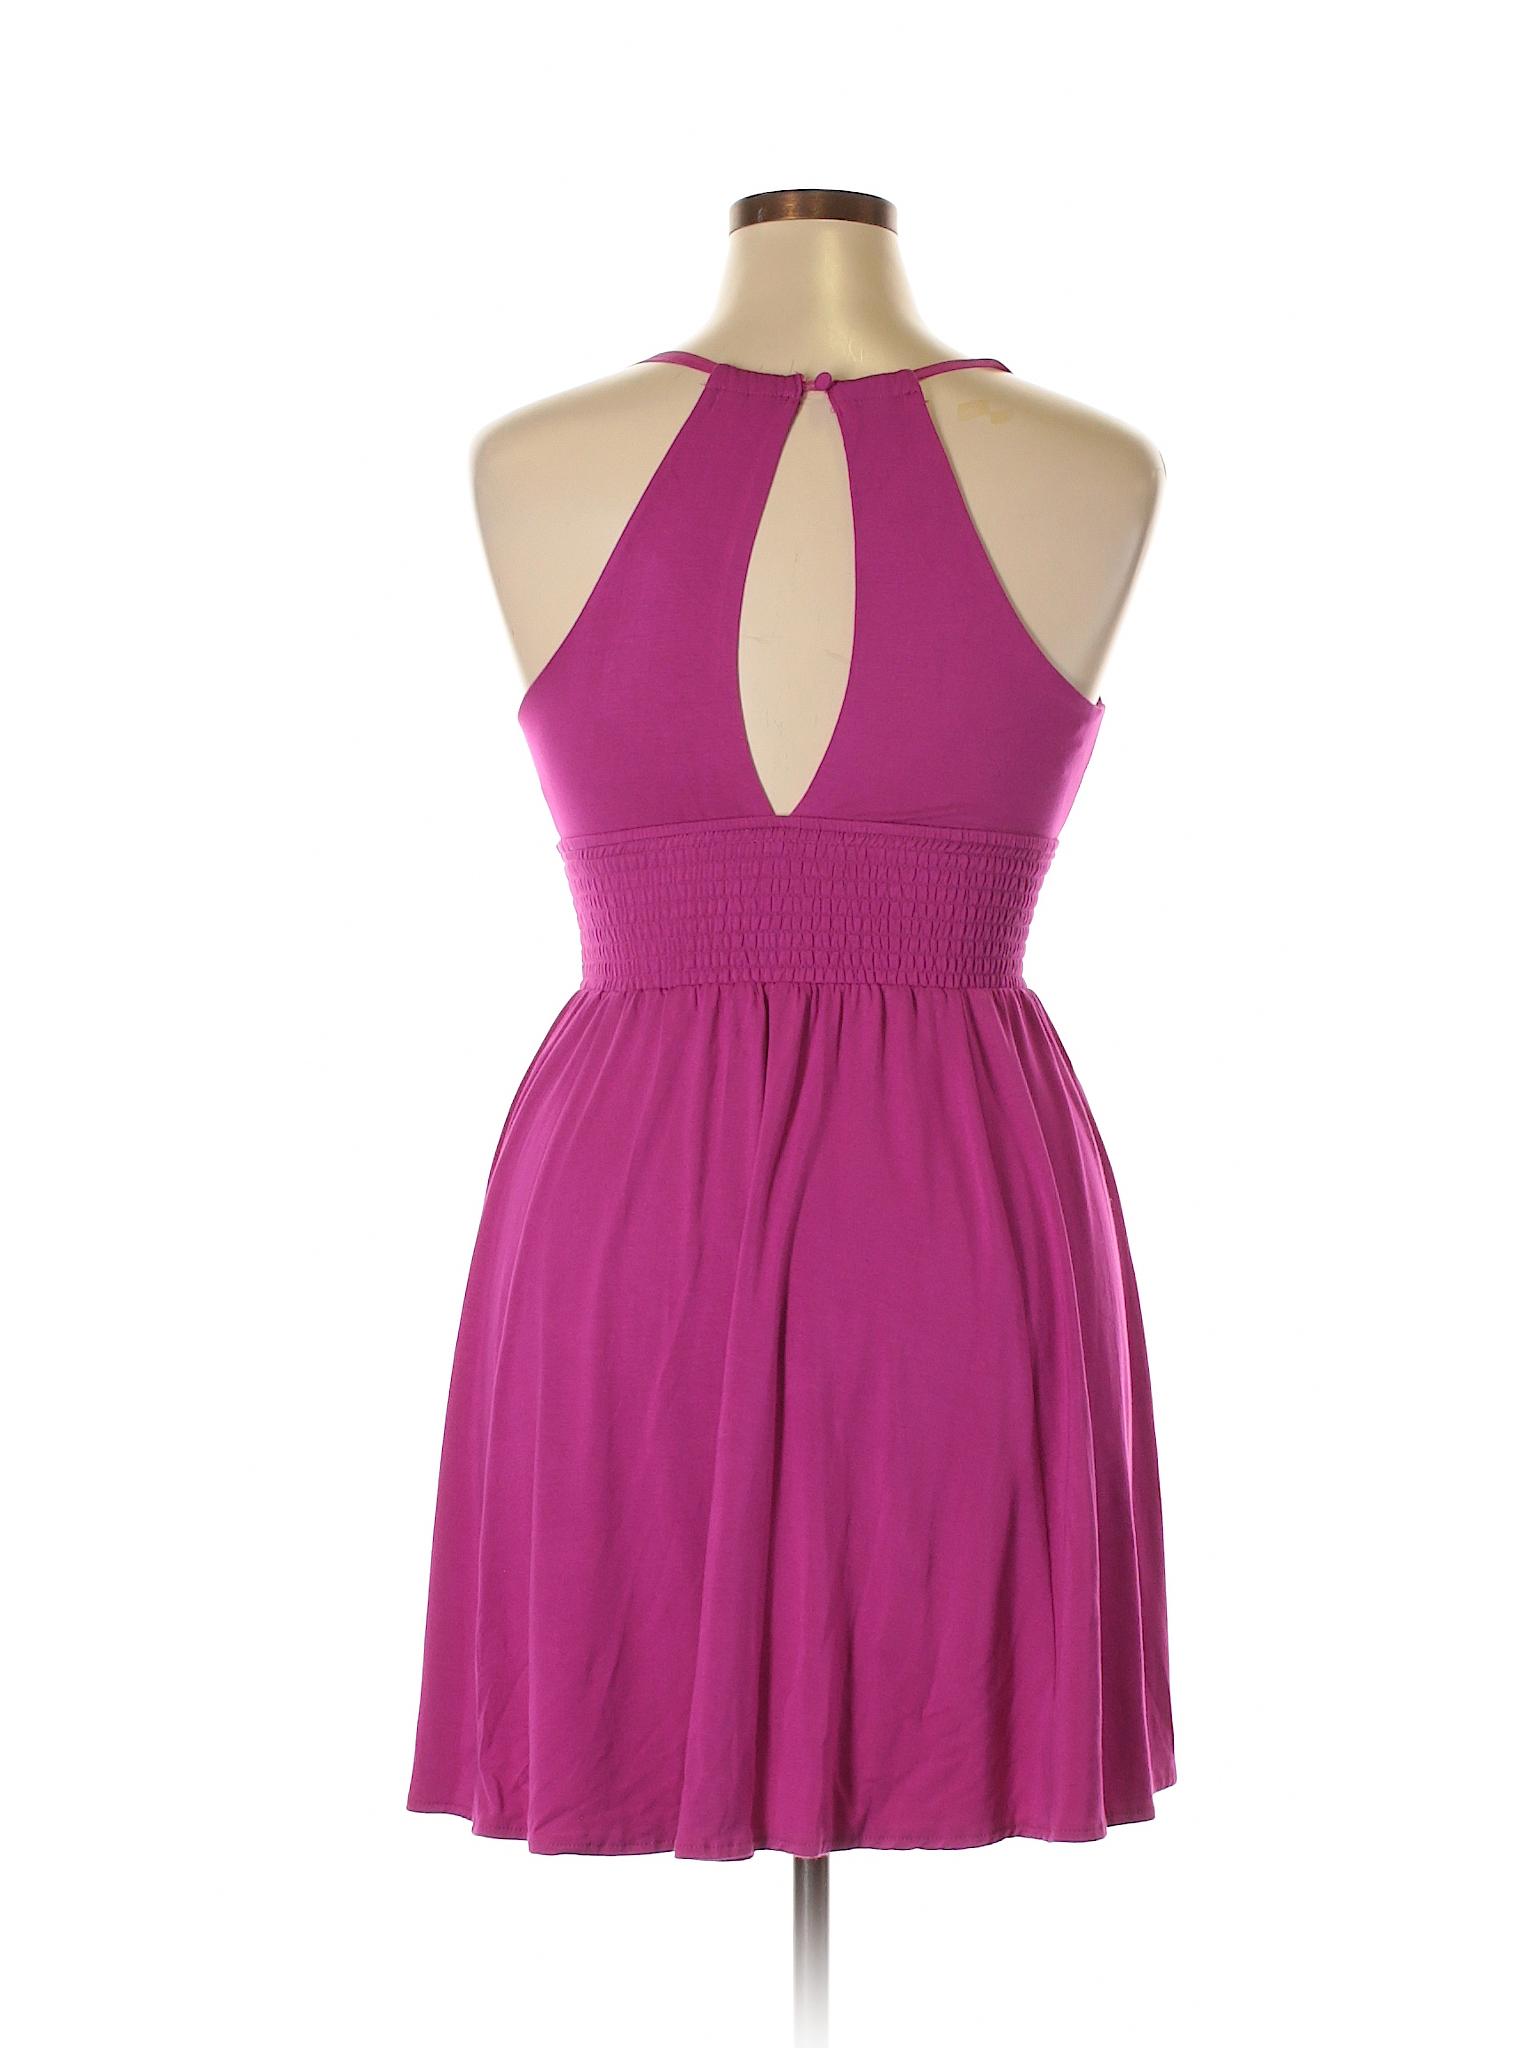 Boutique Boutique Casual winter Guess winter Dress d5Iwwq